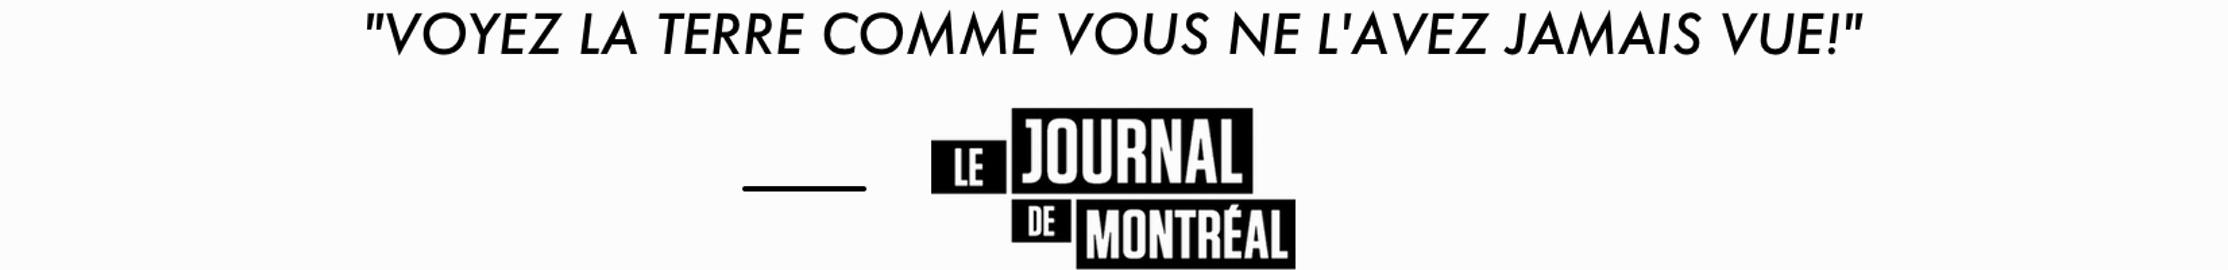 LE+JOURNAL+DE+MONTREAL+2+big.jpg